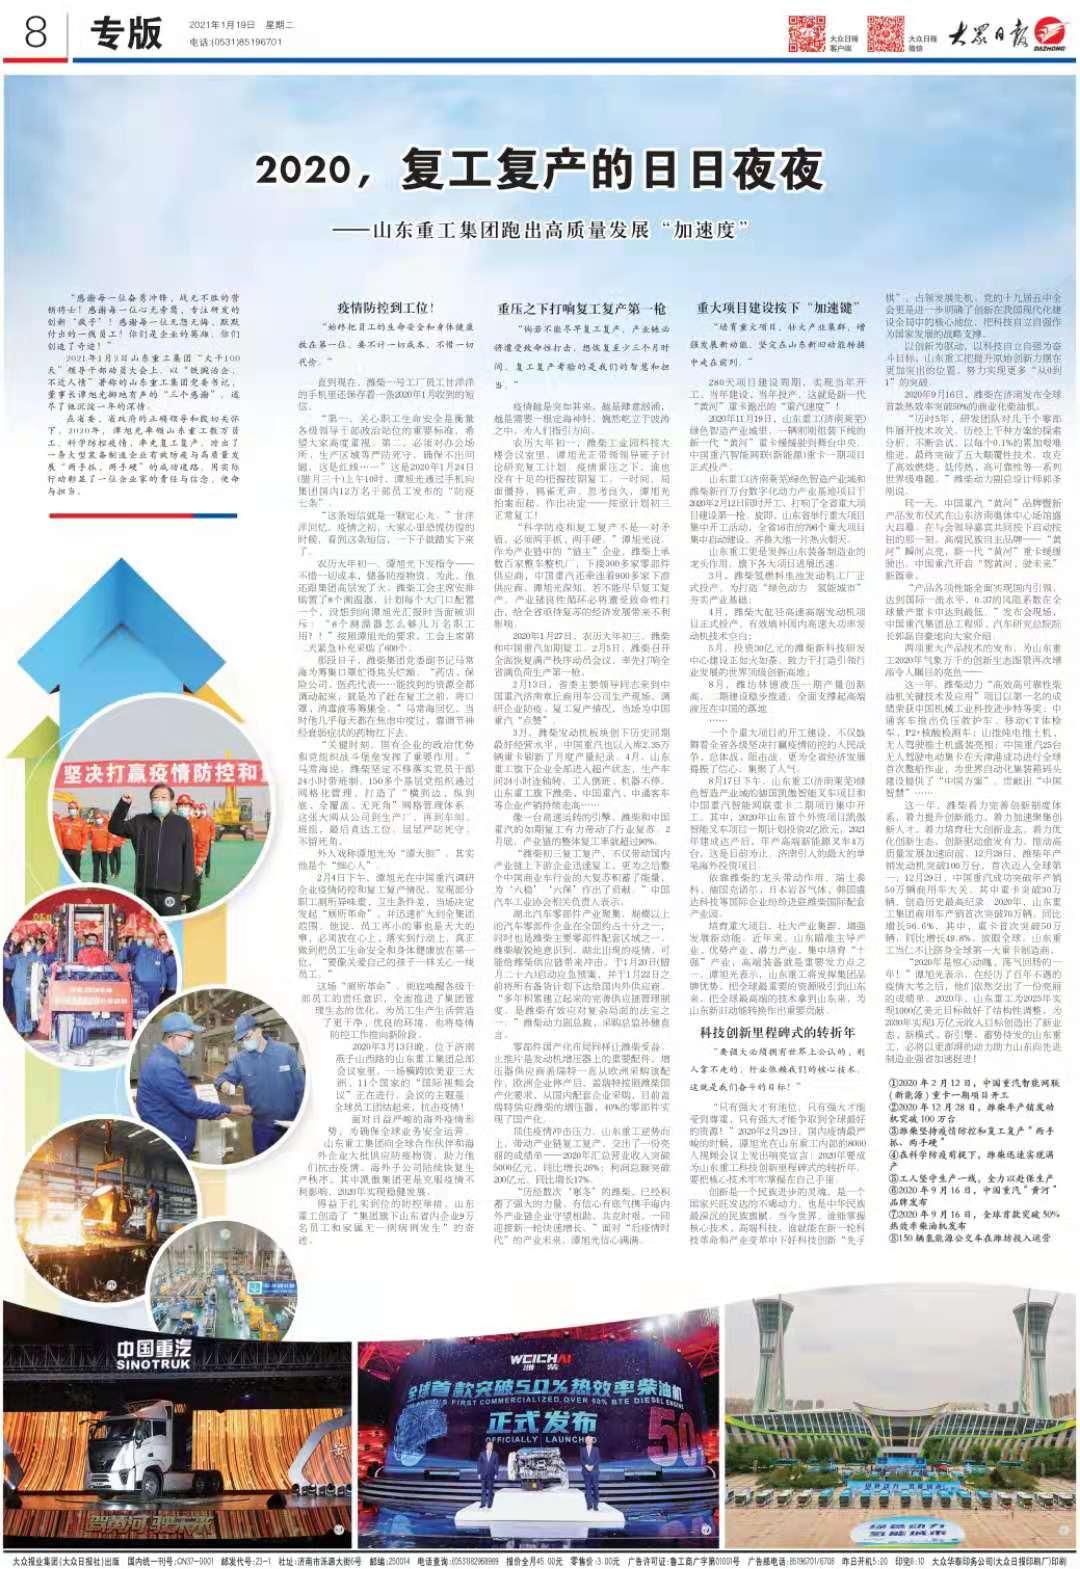 """2020,山东重工集团跑出高质量发展""""加速度"""""""